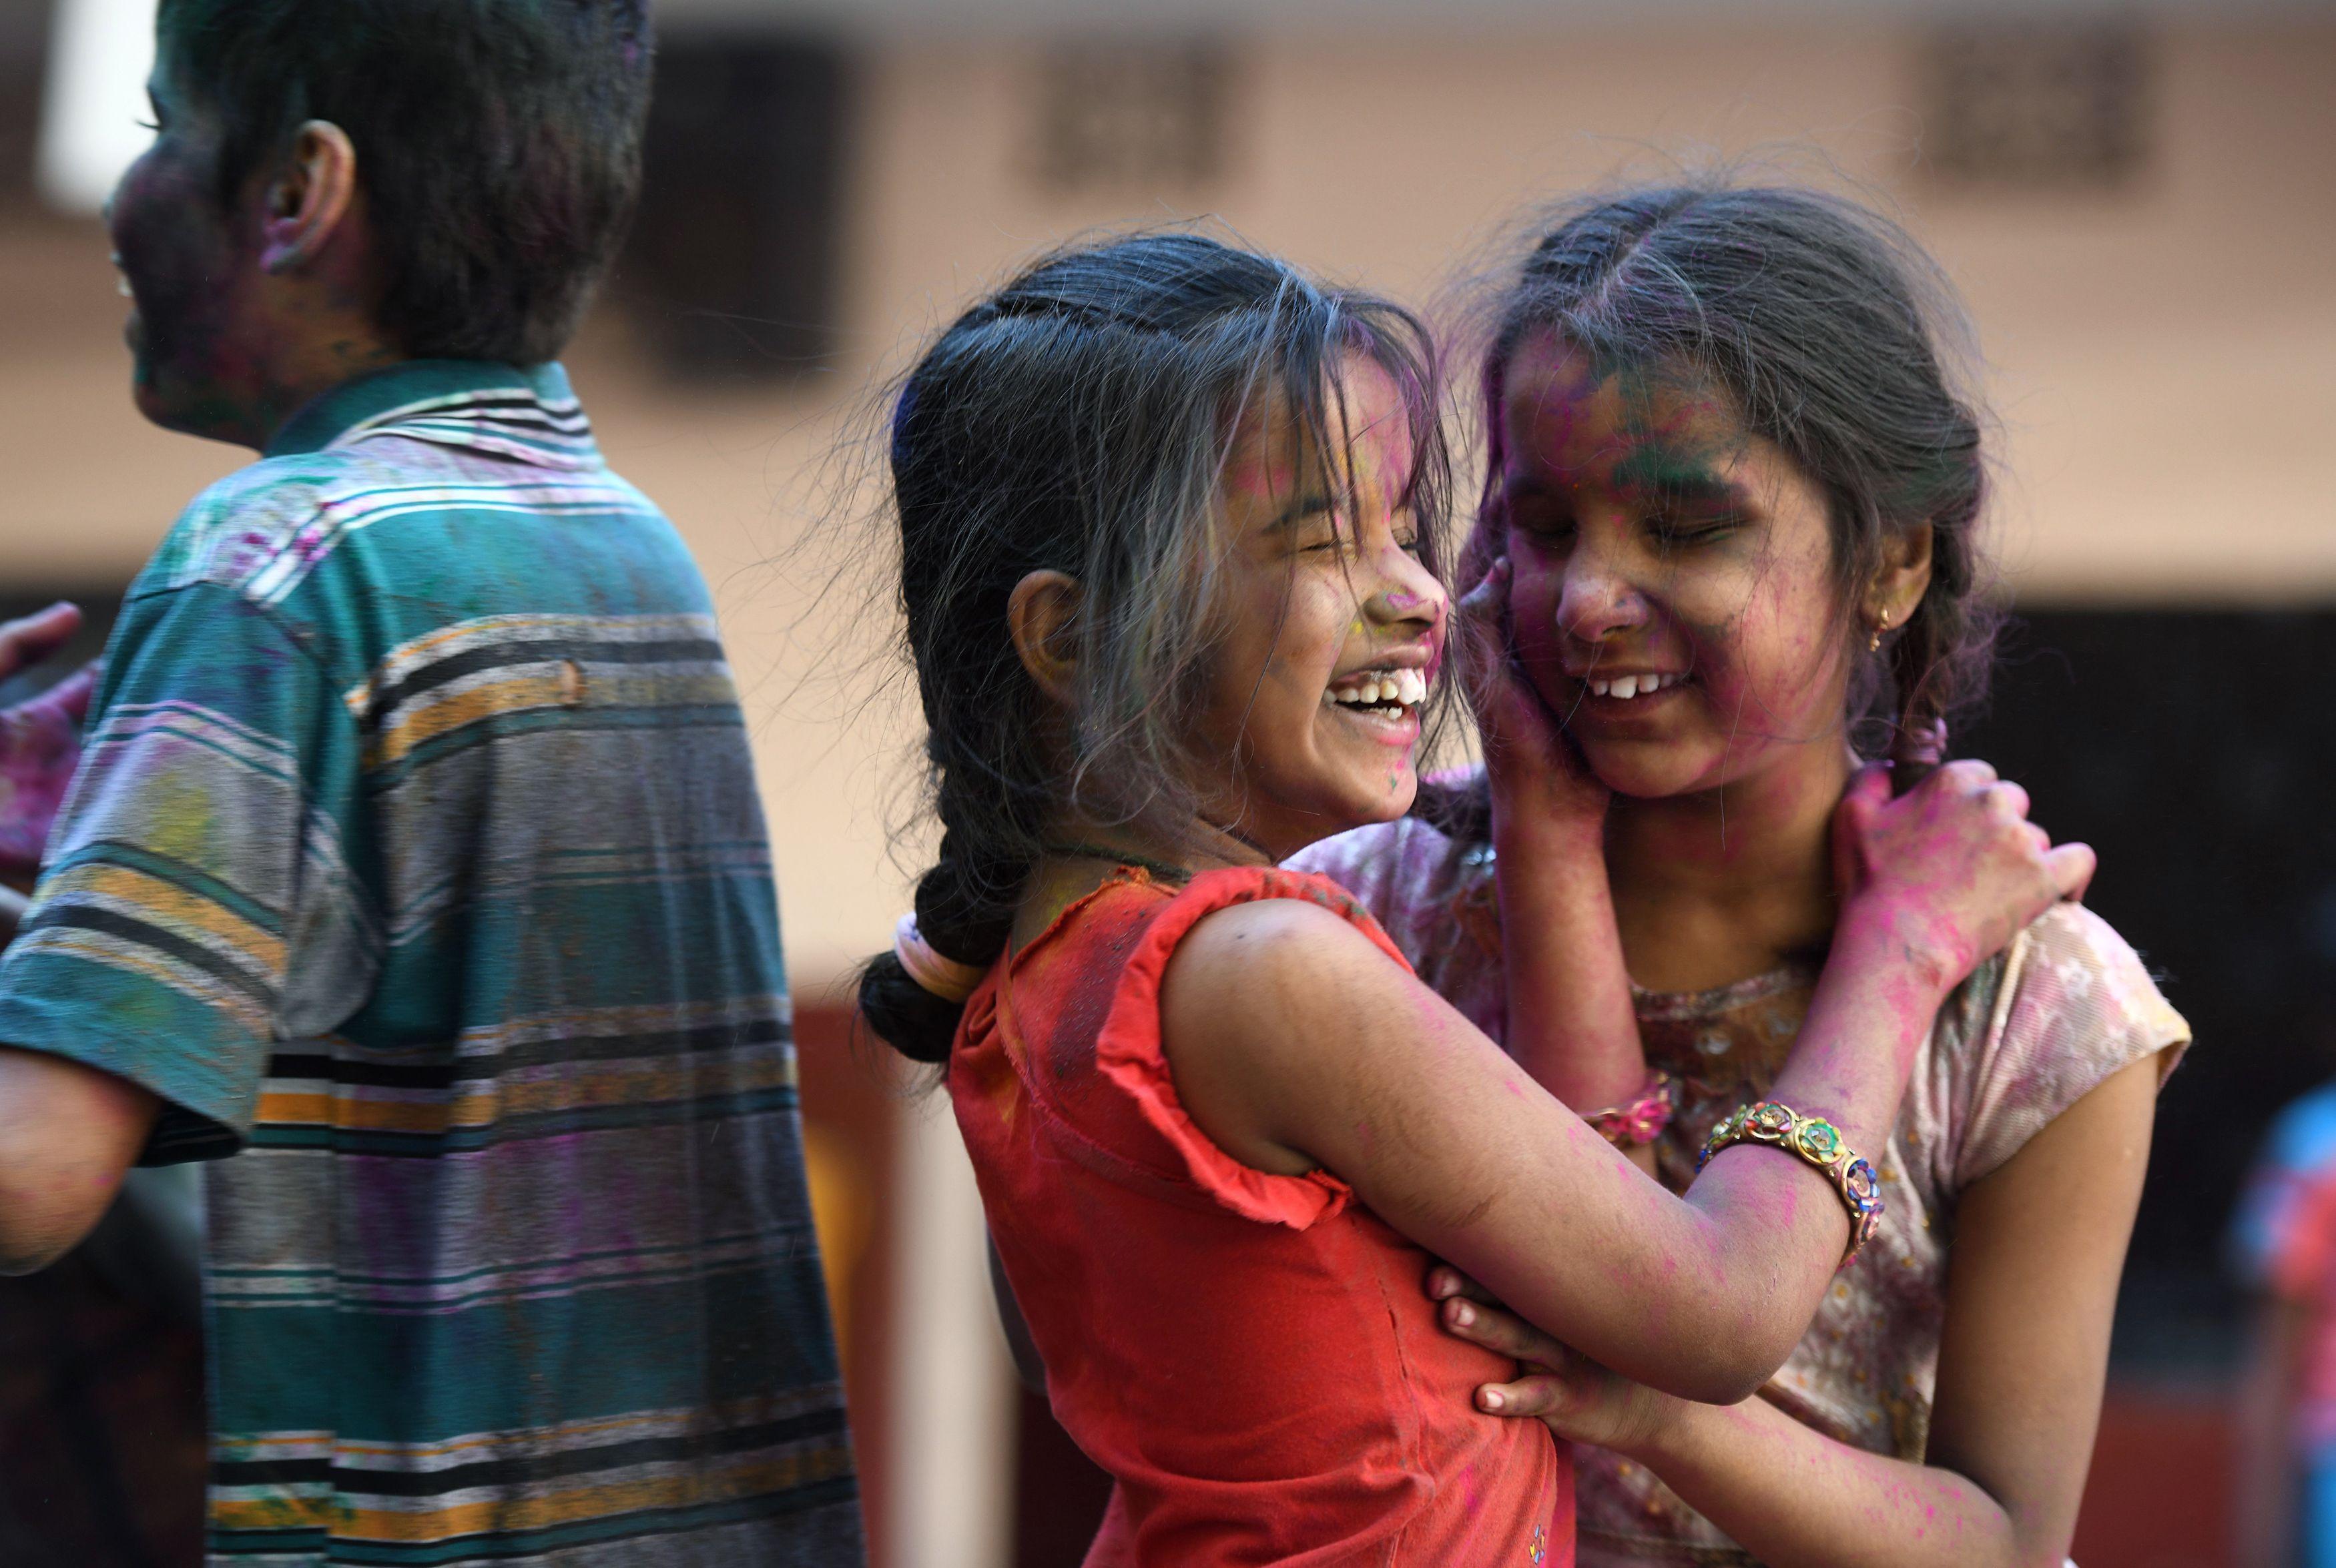 أطفال هنود يلطخون وجوههم بالالوان